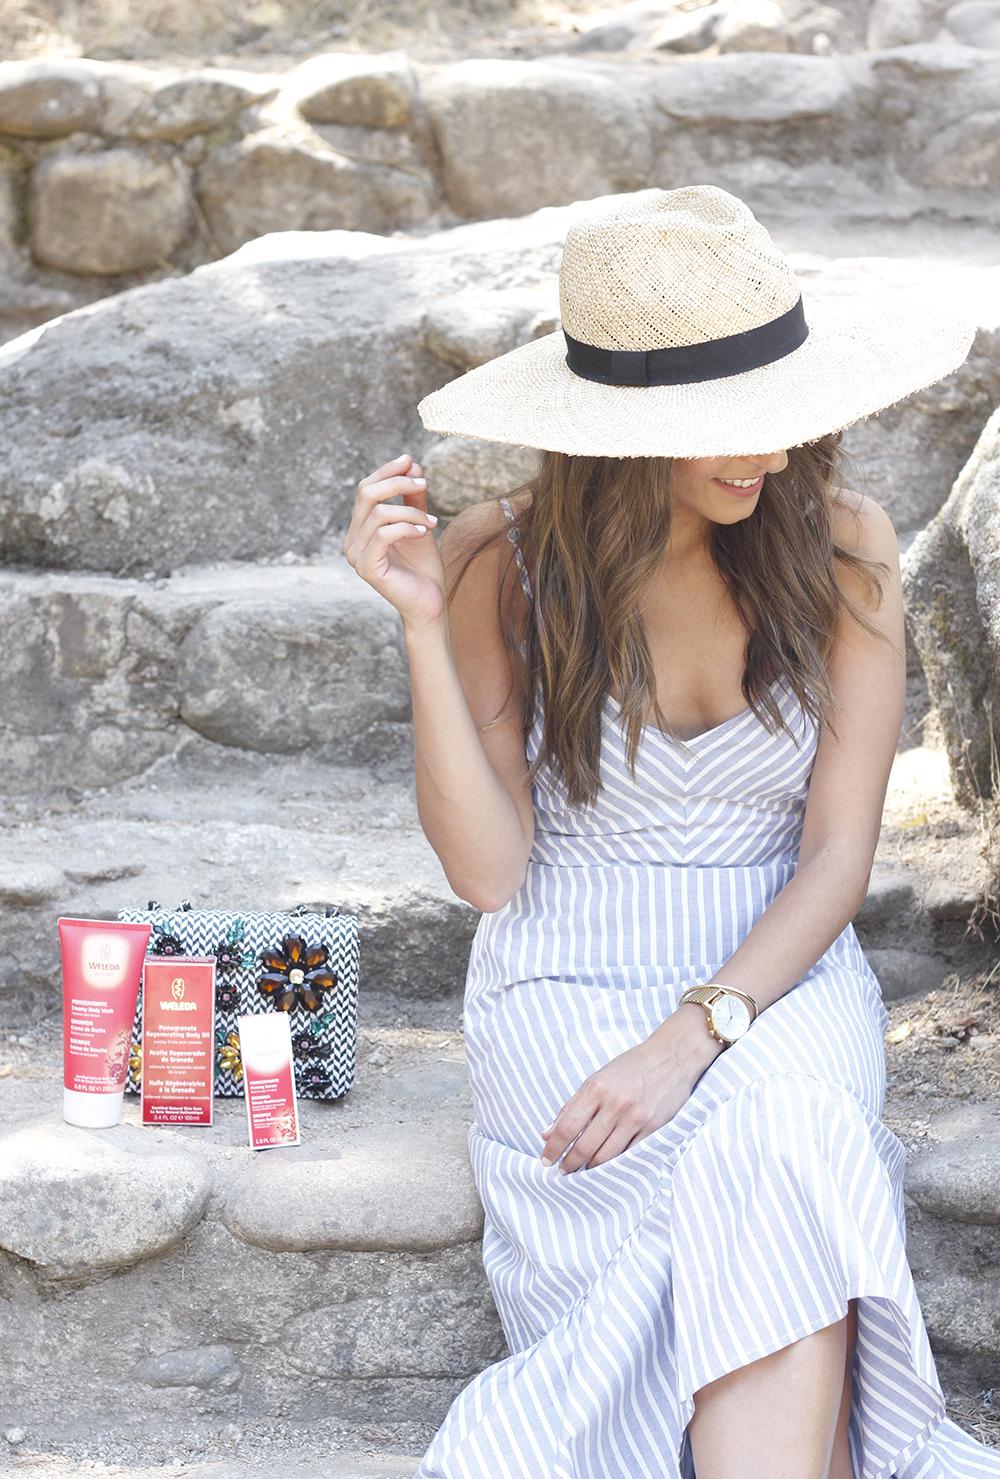 Weleda Granada belleza hidratante corporal cuidados verano beauty skin3